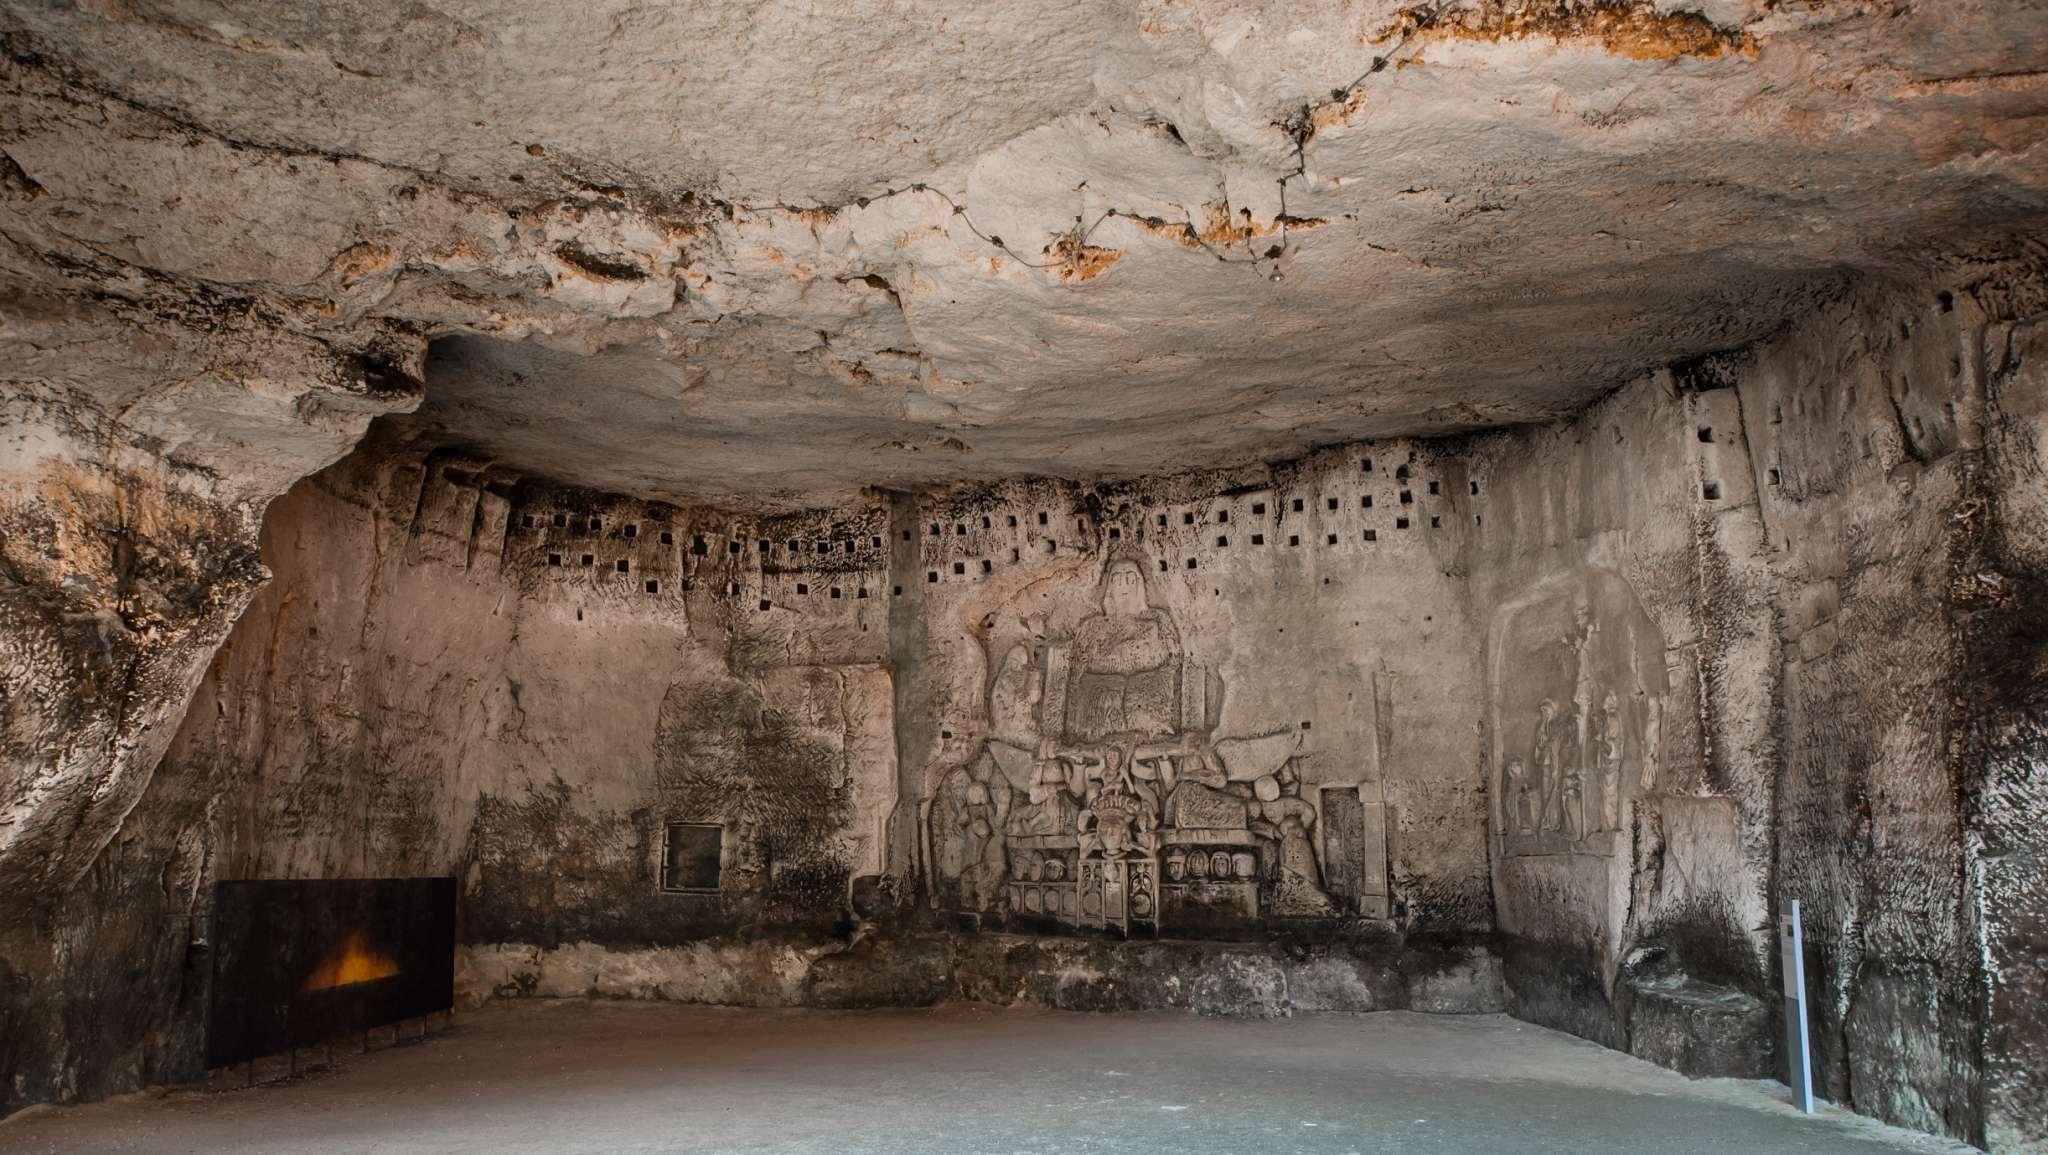 phpkfi6m0-brantome-grotte-du-jugement-dernier-et-bas-reliefs-abbaye-credit-henri-faissolle-hfc